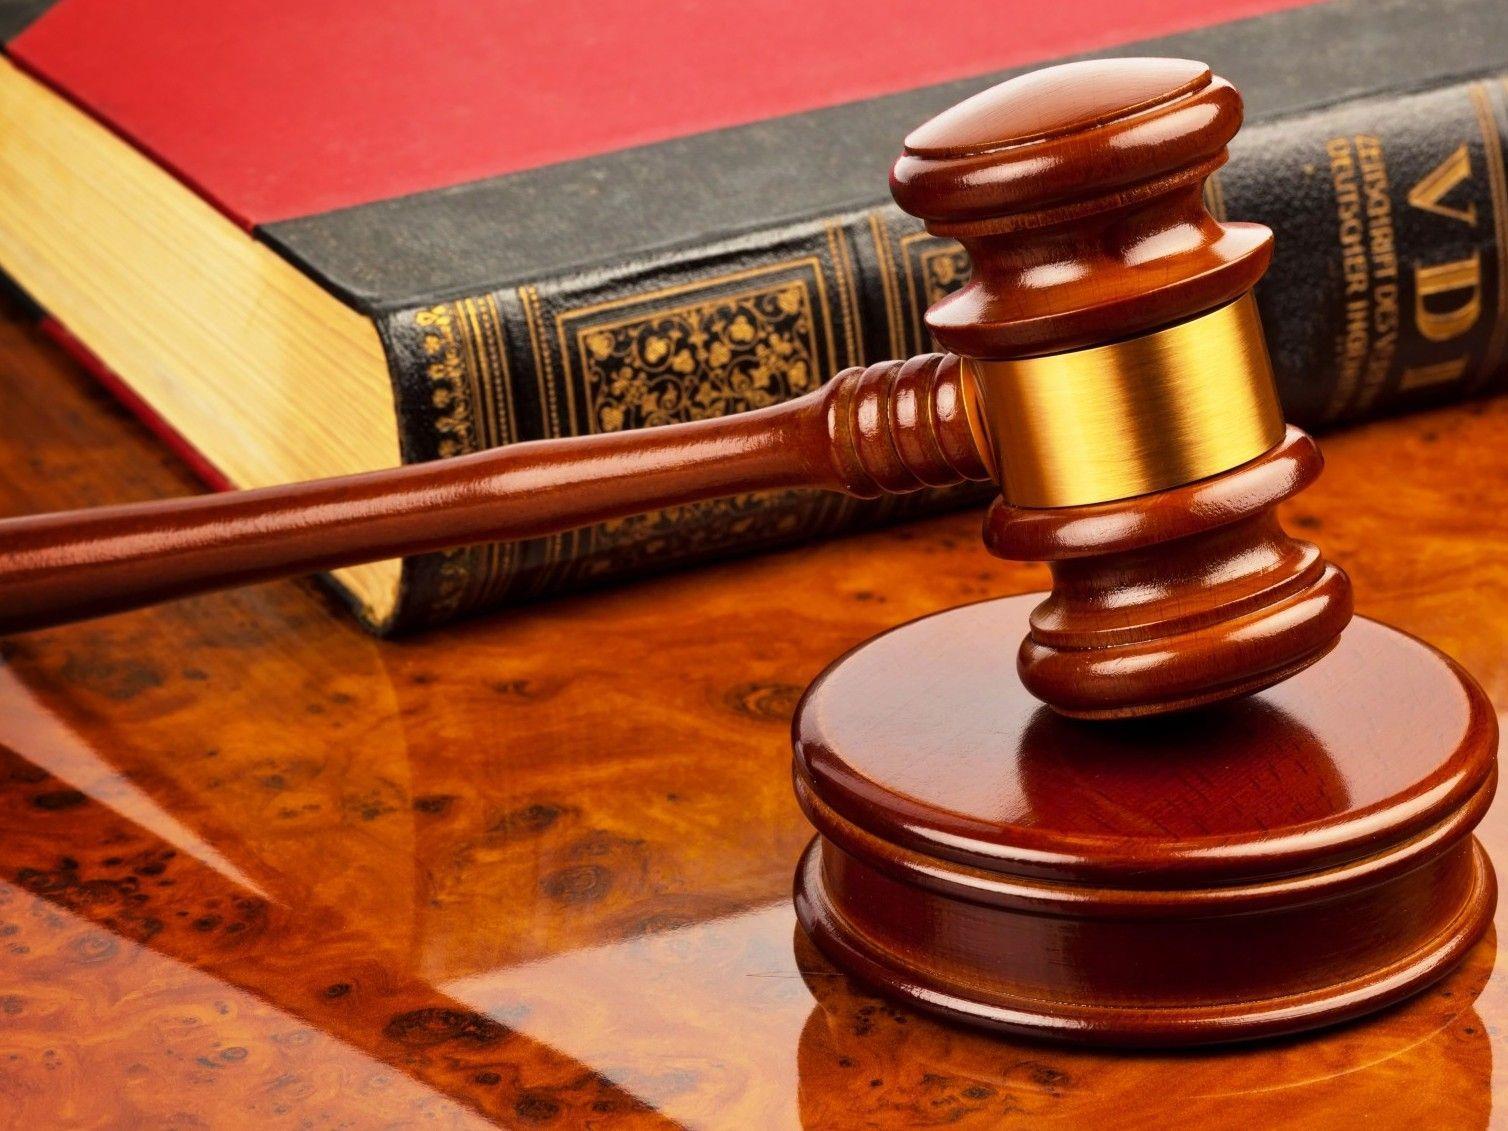 Eine 29-Jährige wurde zu dreieinhalb Jahren Haft verurteilt. Sie soll ihre Tochte zum Sex gewzungen haben.